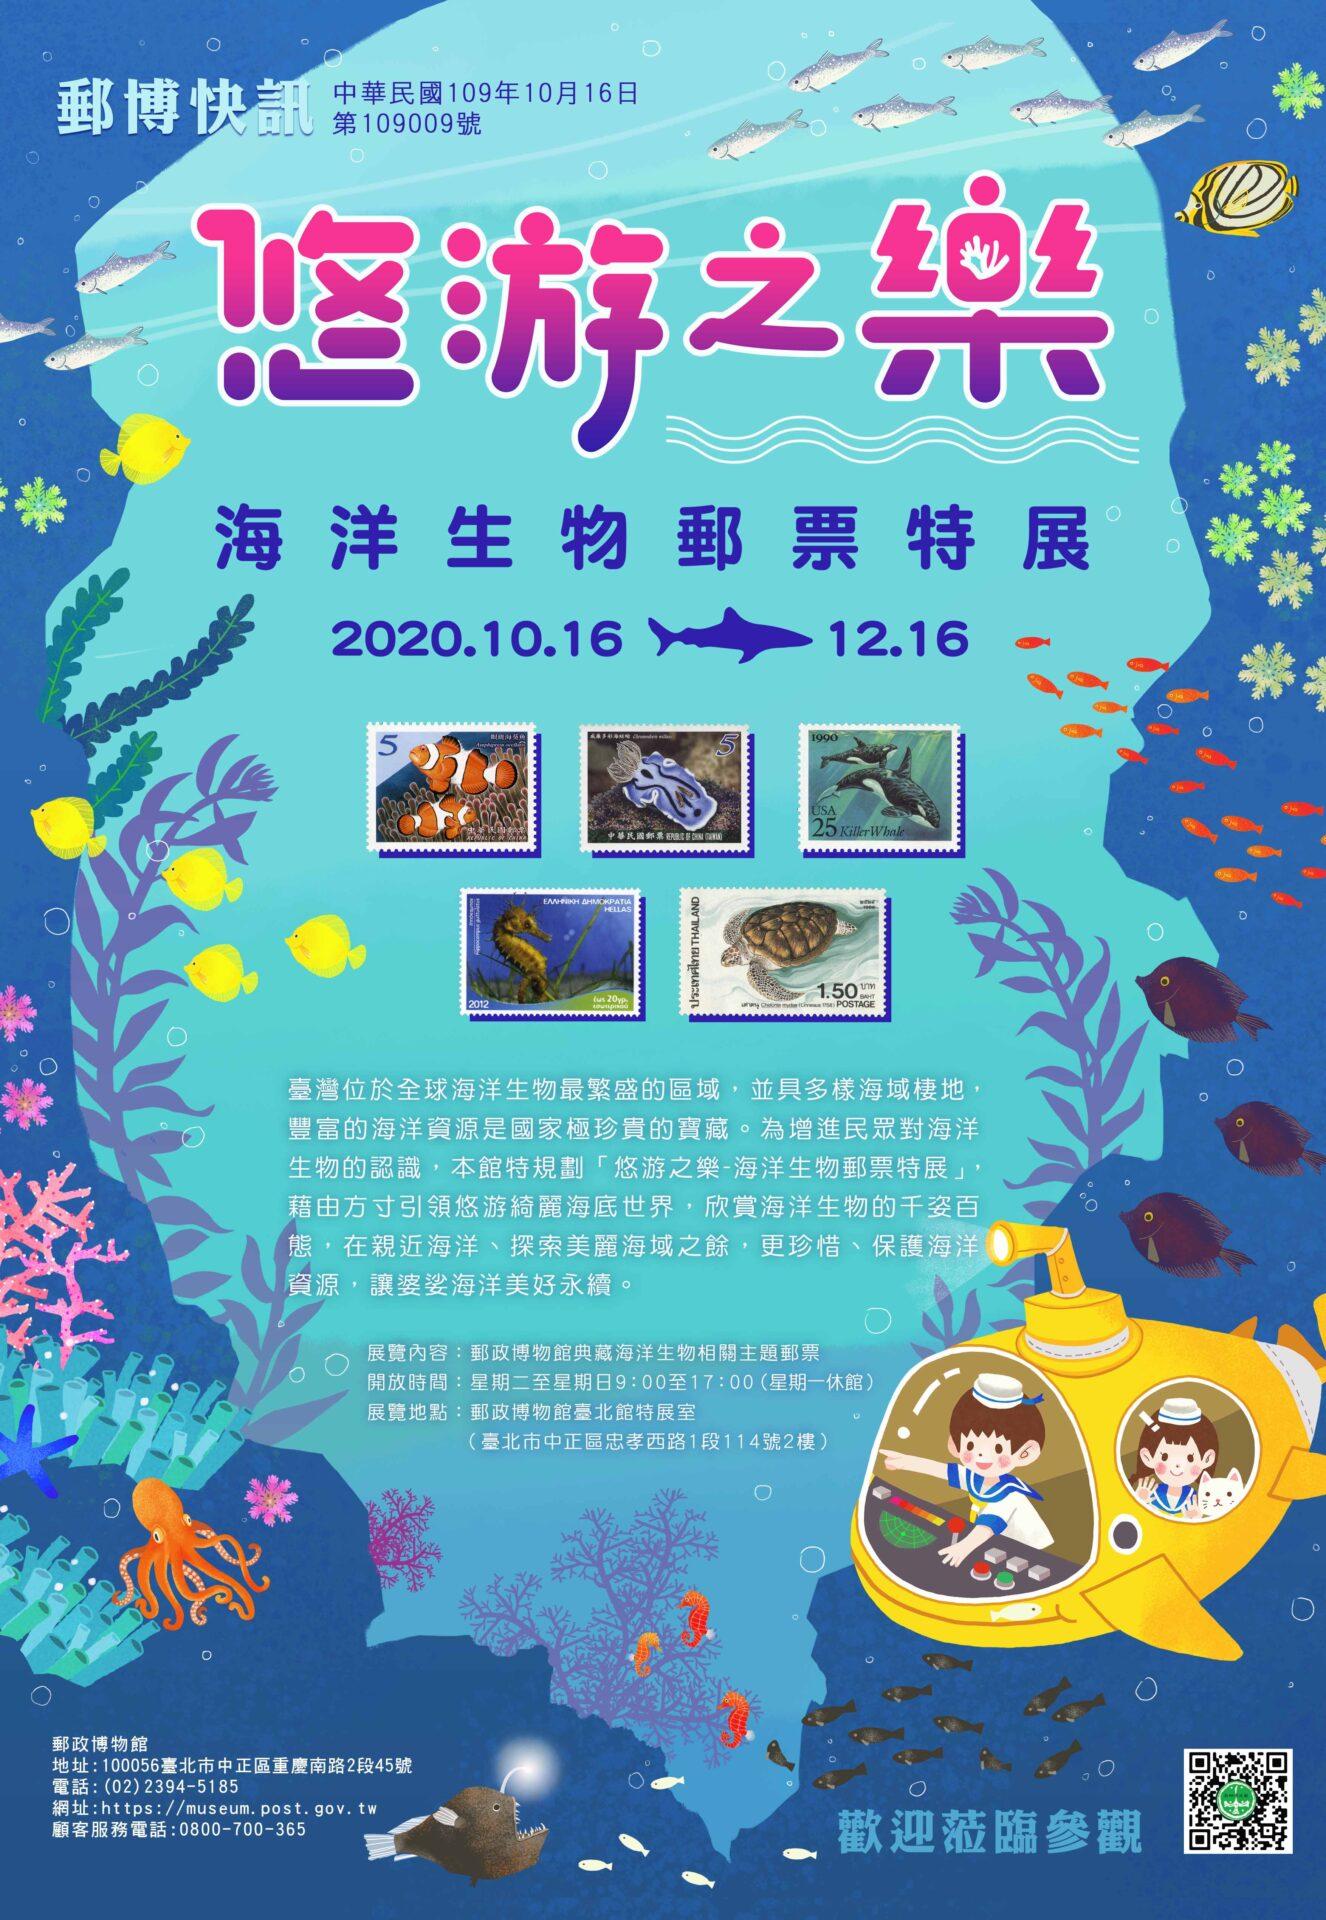 郵政博物館:2020/10/16-12/16【悠游之樂-海洋生物郵票特展】